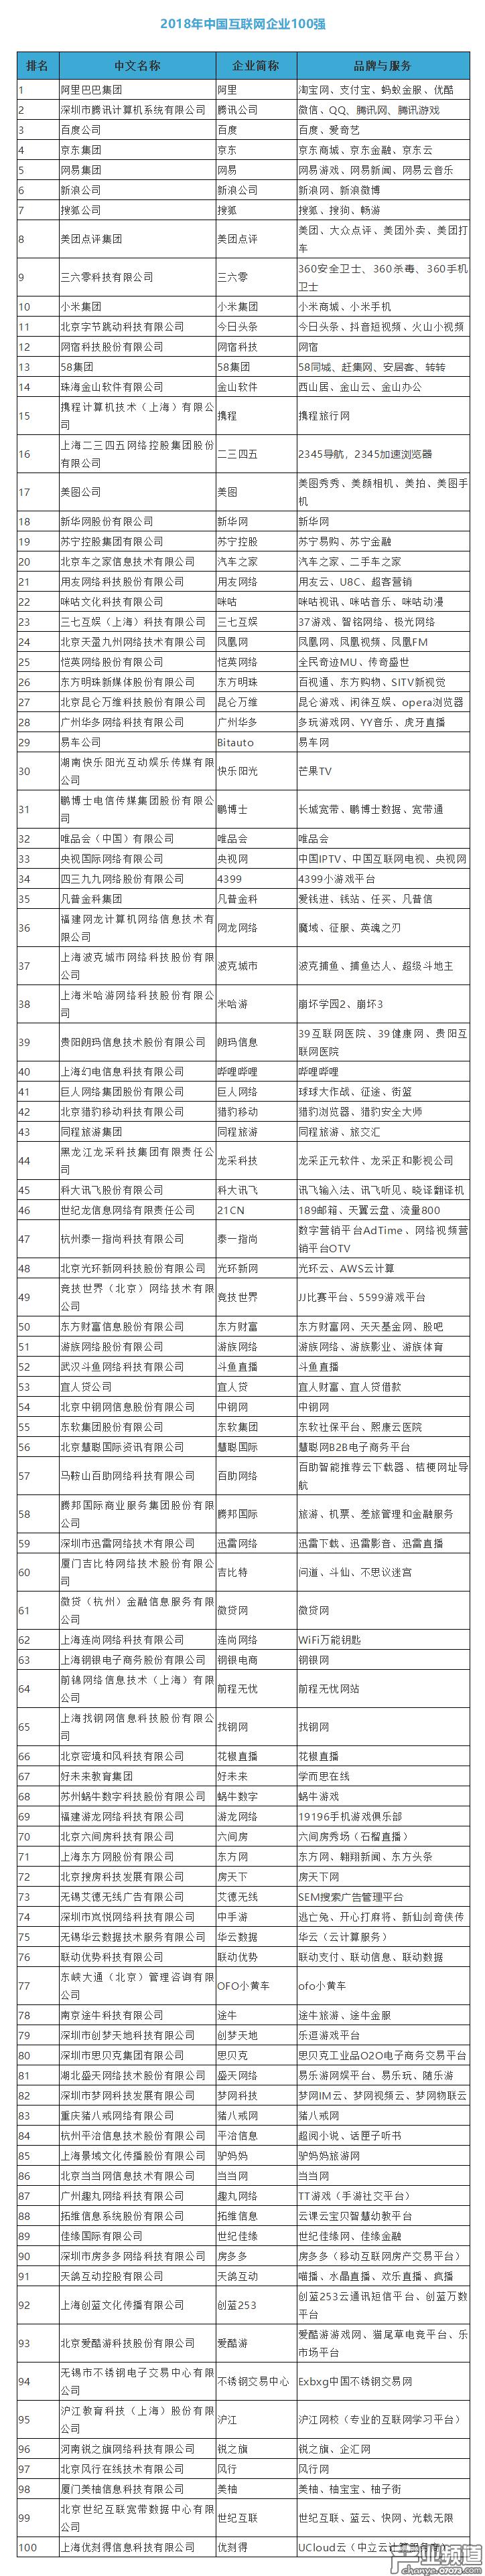 2018年中国互联网企业百强榜单揭晓:这些游戏公司上榜